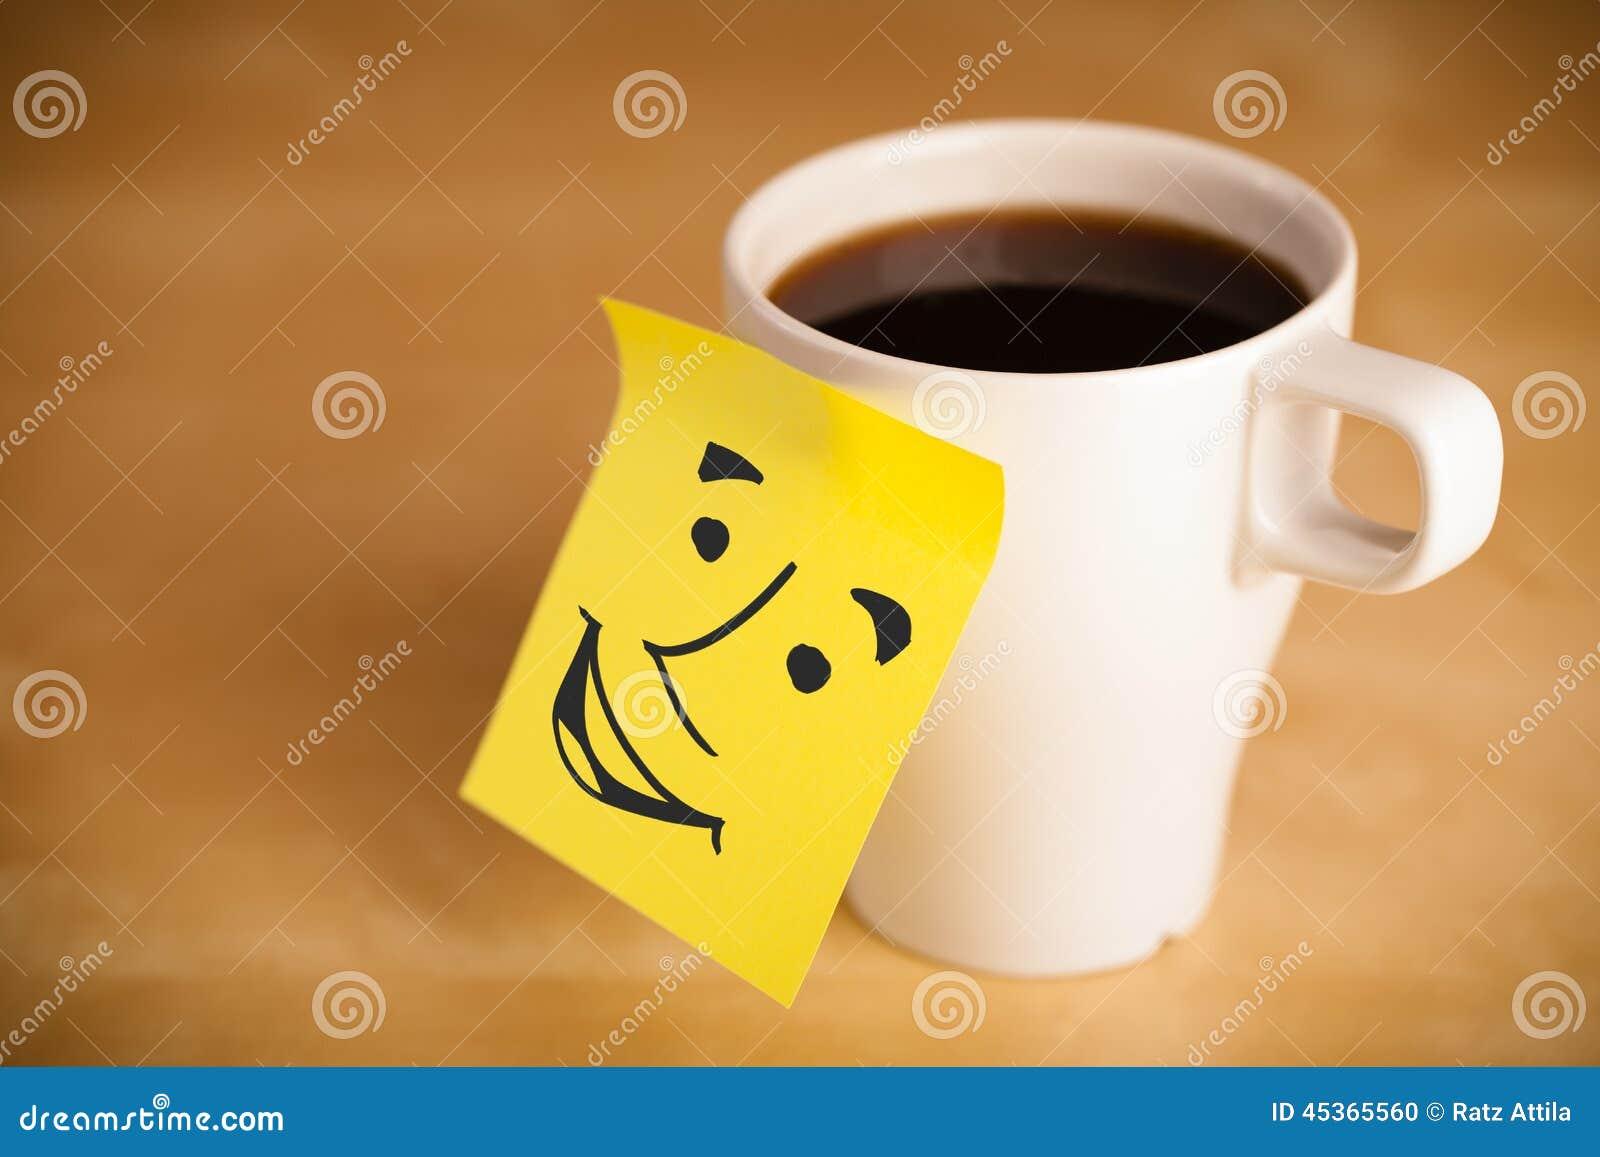 La note de post-it avec le visage souriant sticked sur une tasse